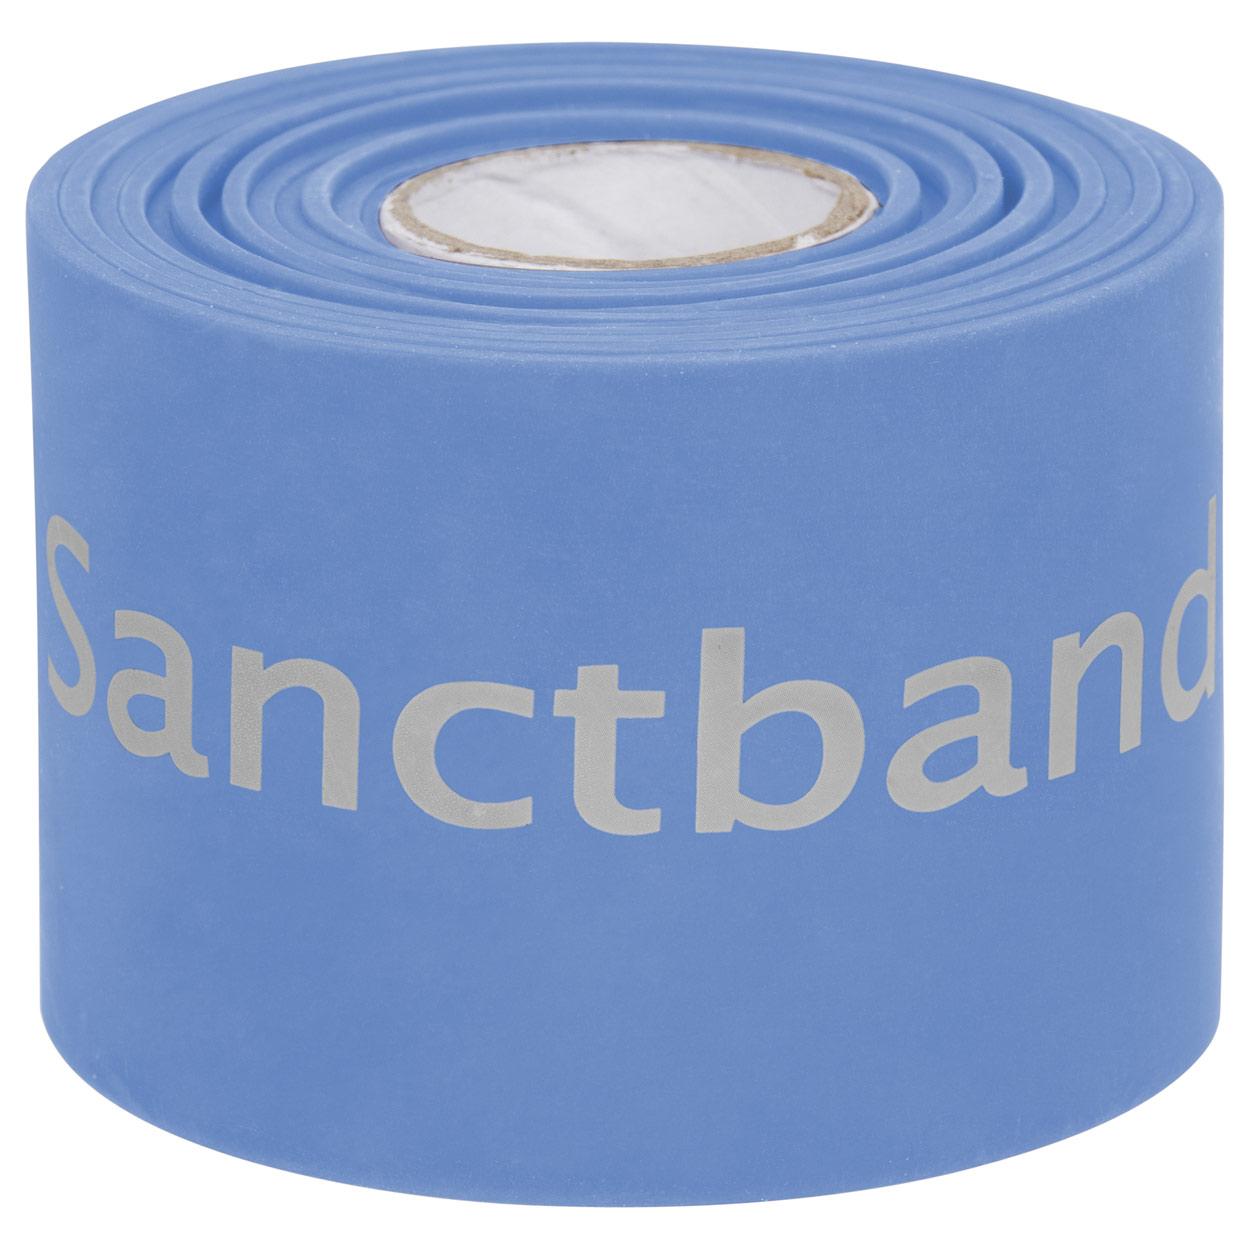 Flossband level 2 2m x 5 cm mittel blau ebay for Ecksofa 2m x 2m